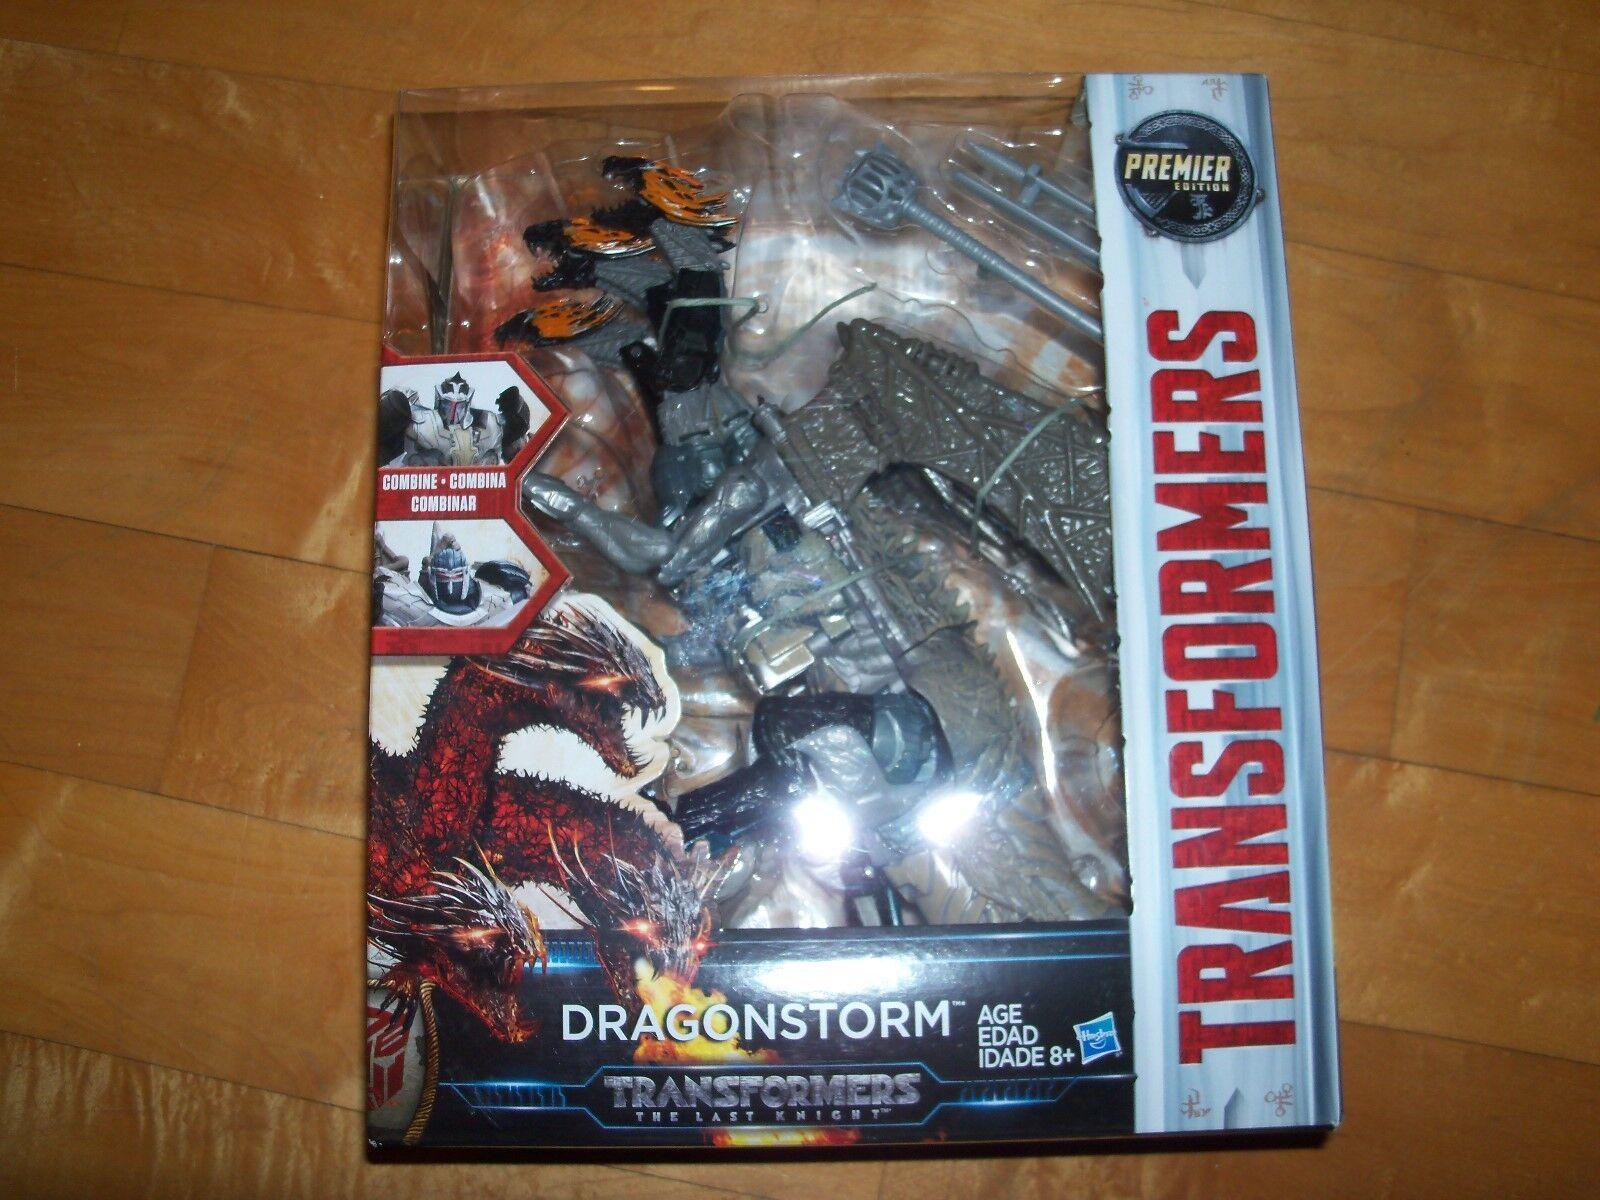 Die transformatoren der letzte ritter dragonstorm premeir edition